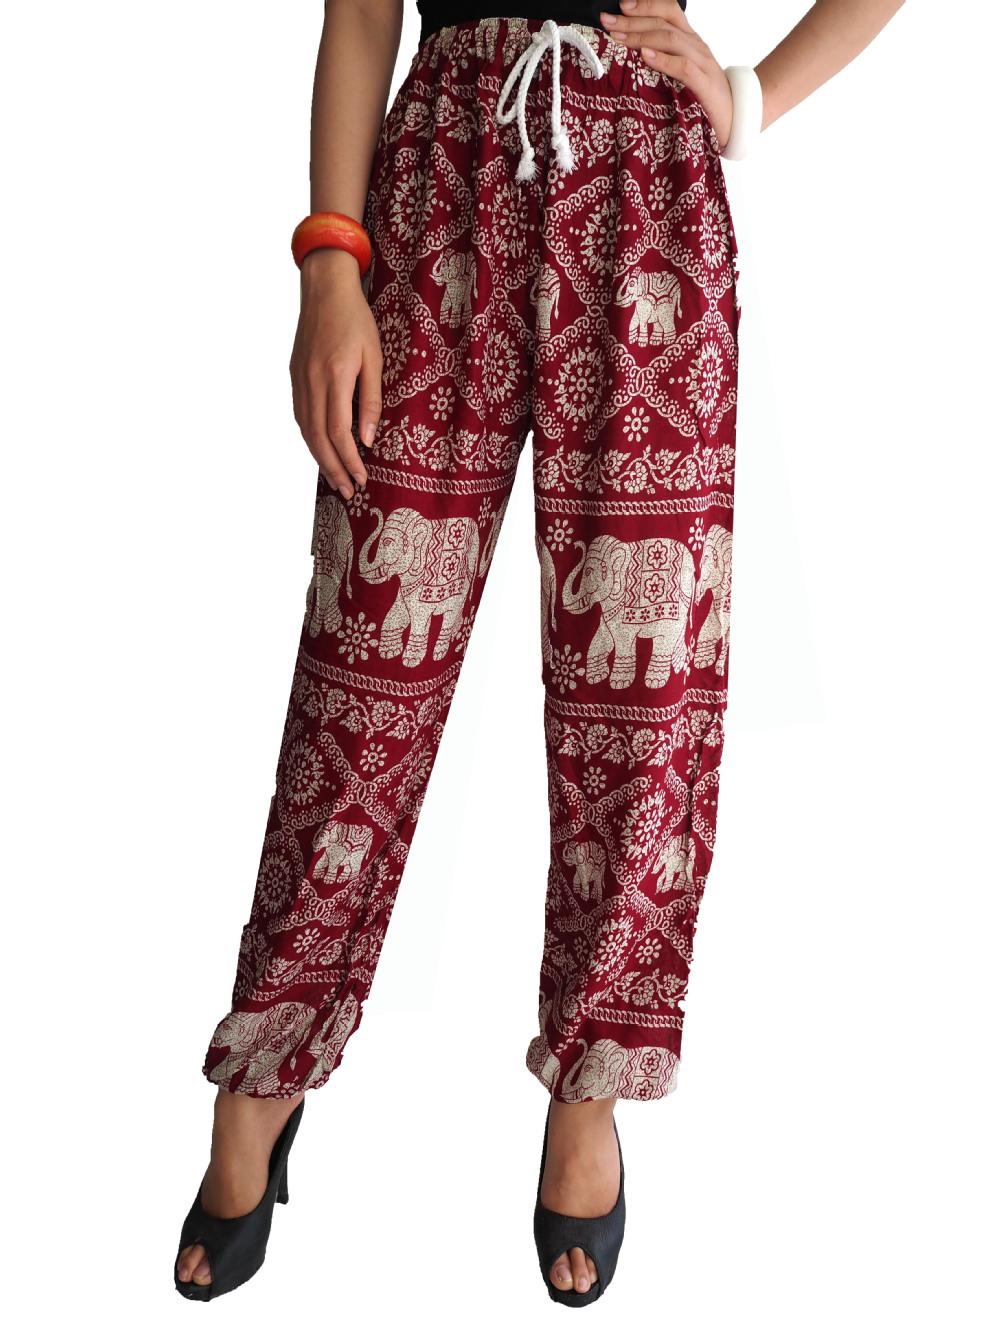 Thai Pants Aladdin Pants Boho Pants Harem Pants Peacock